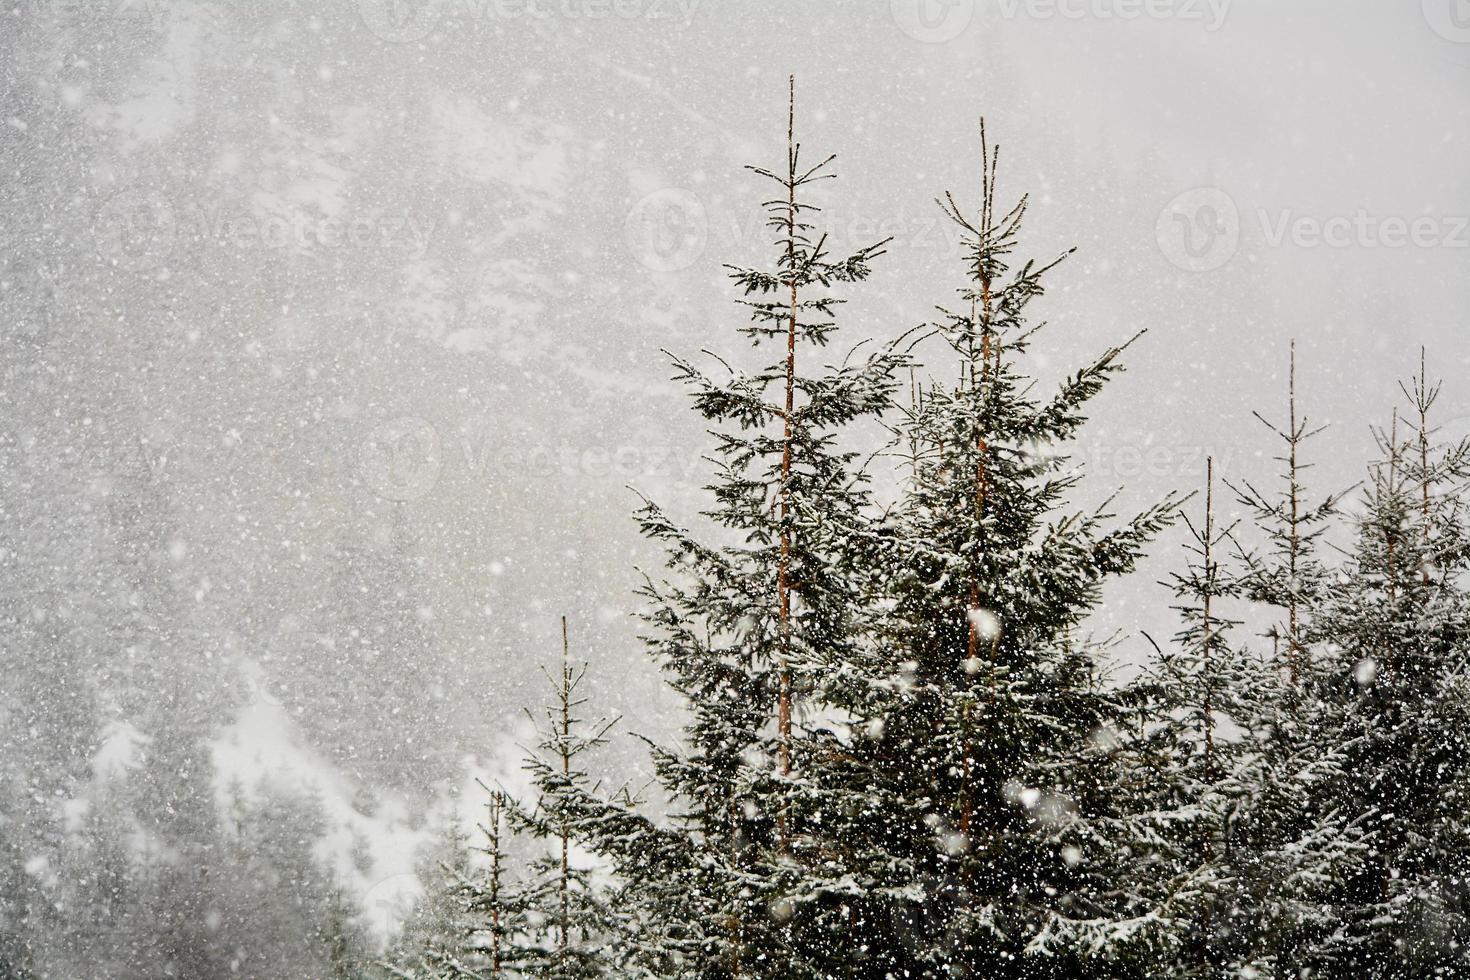 Schneefall im Winter foto